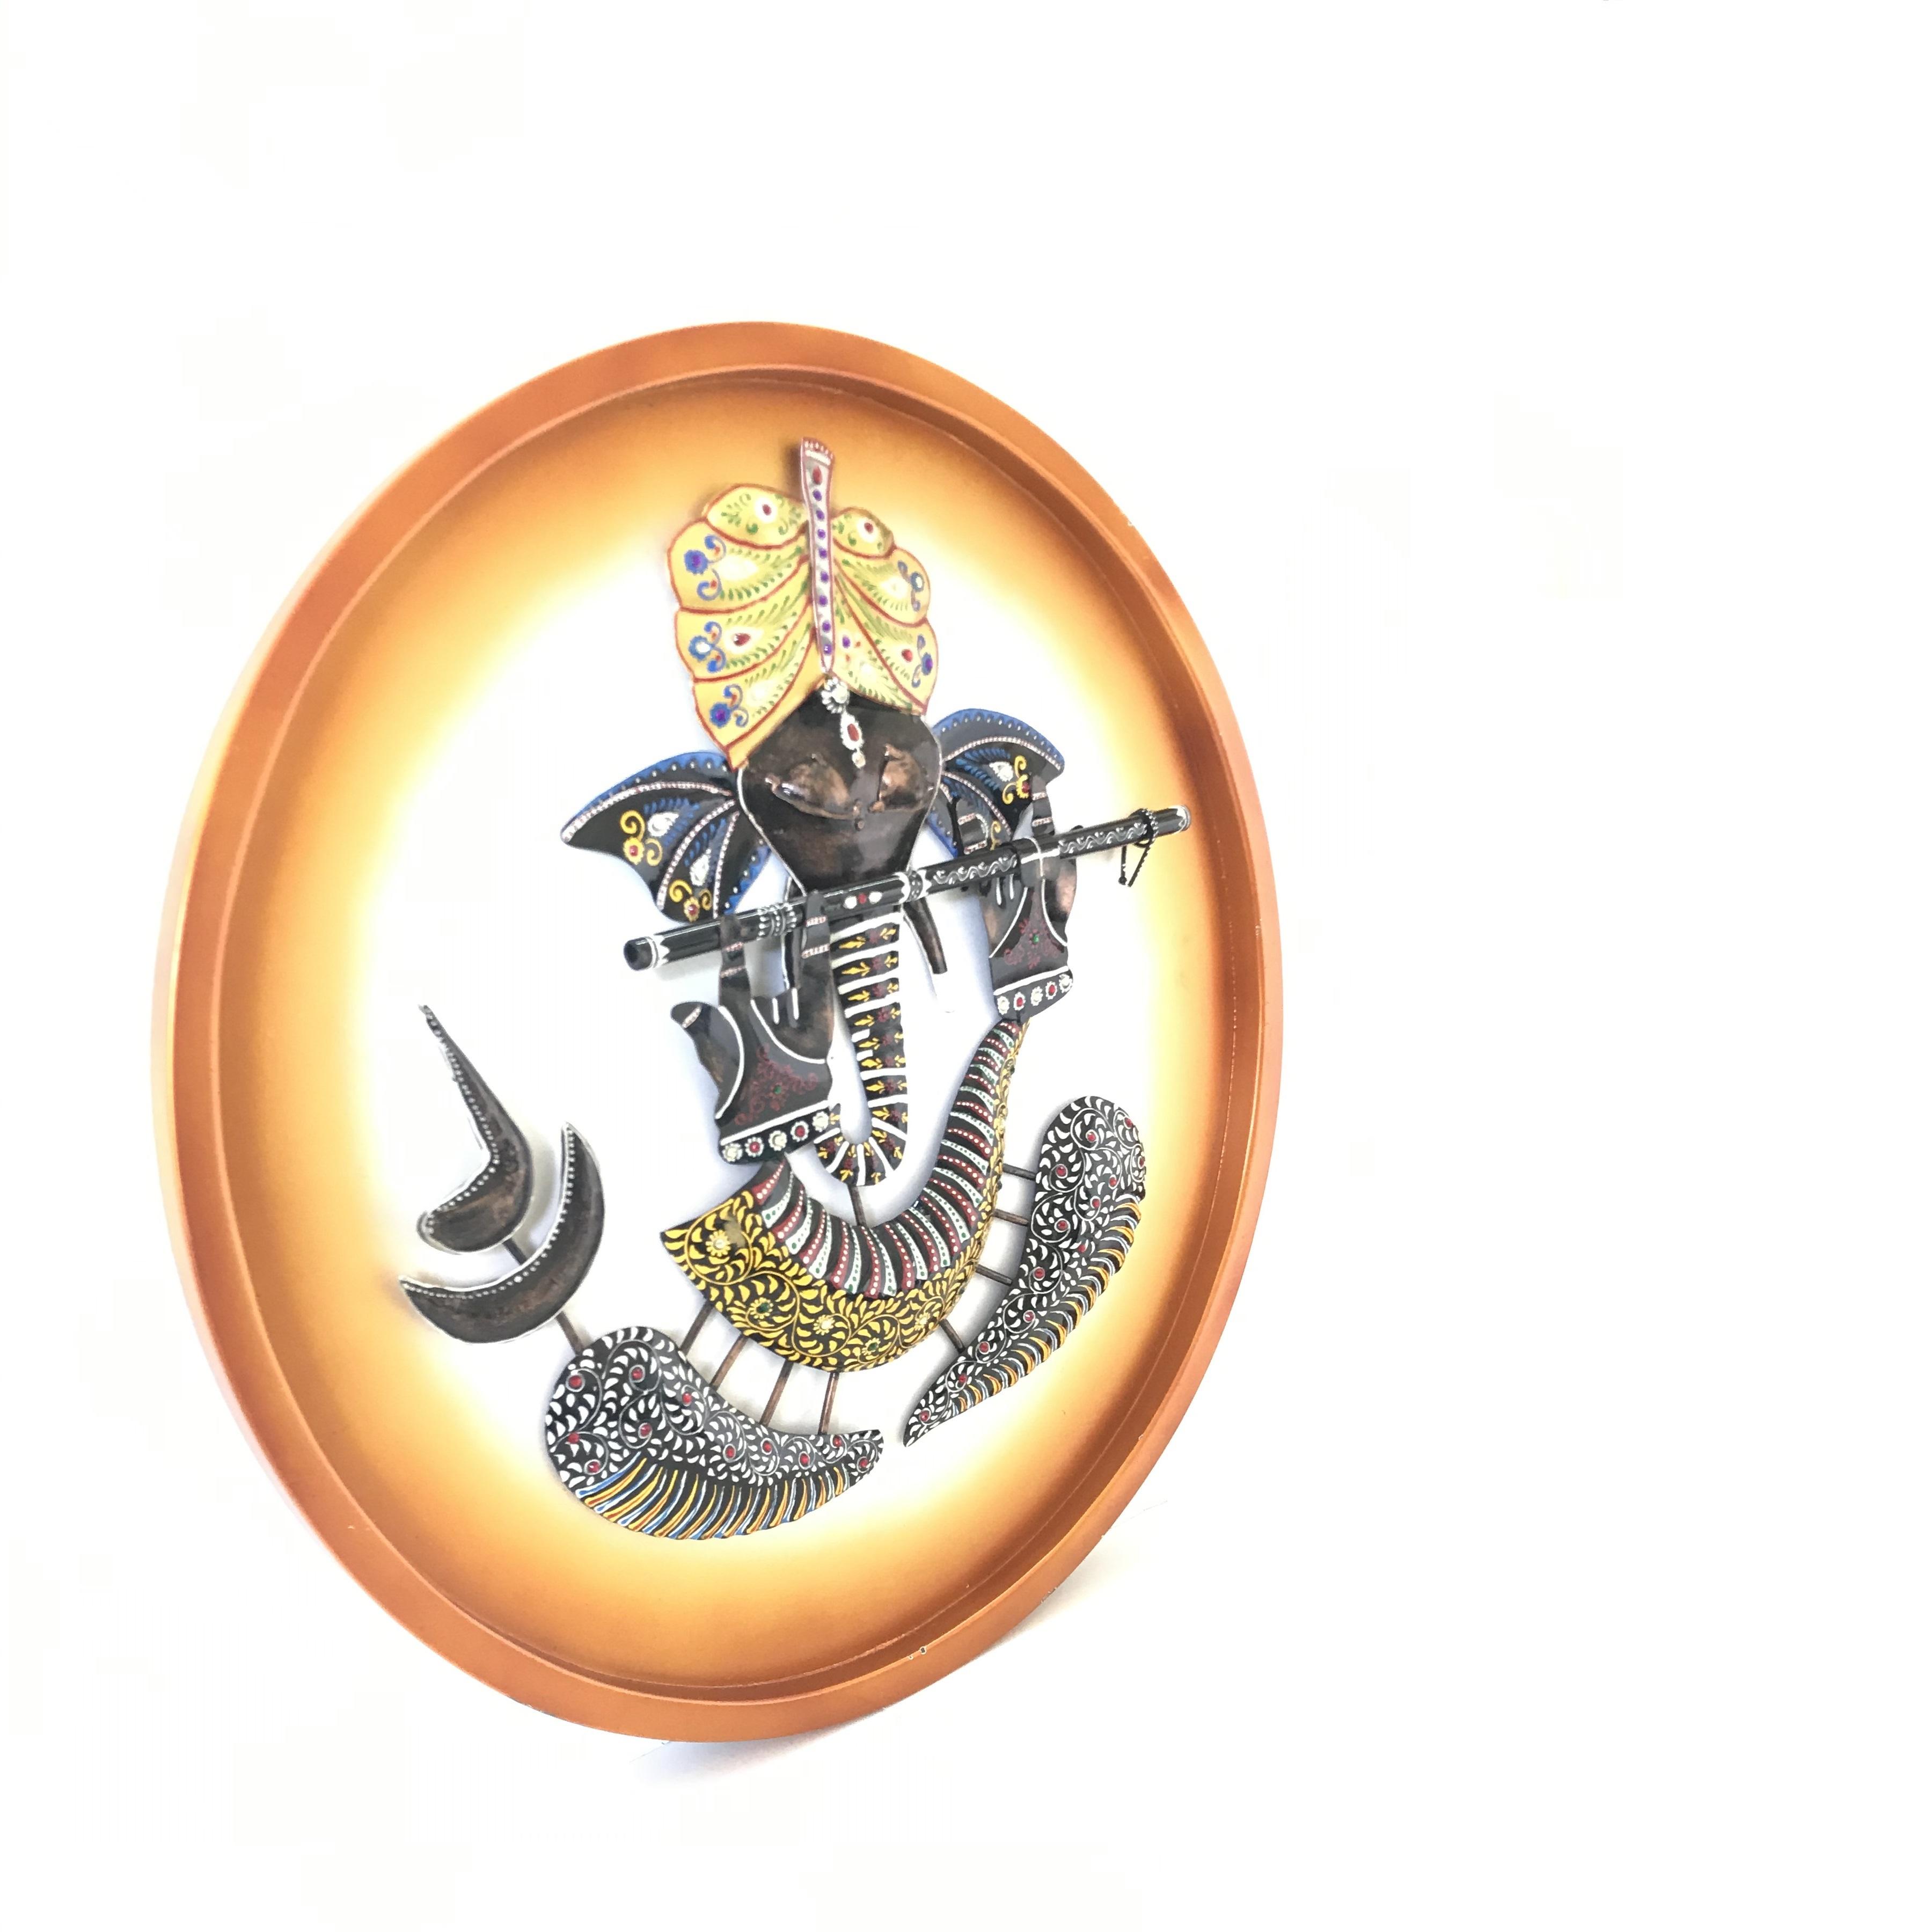 Lord Ganesha On Board Wall Decor